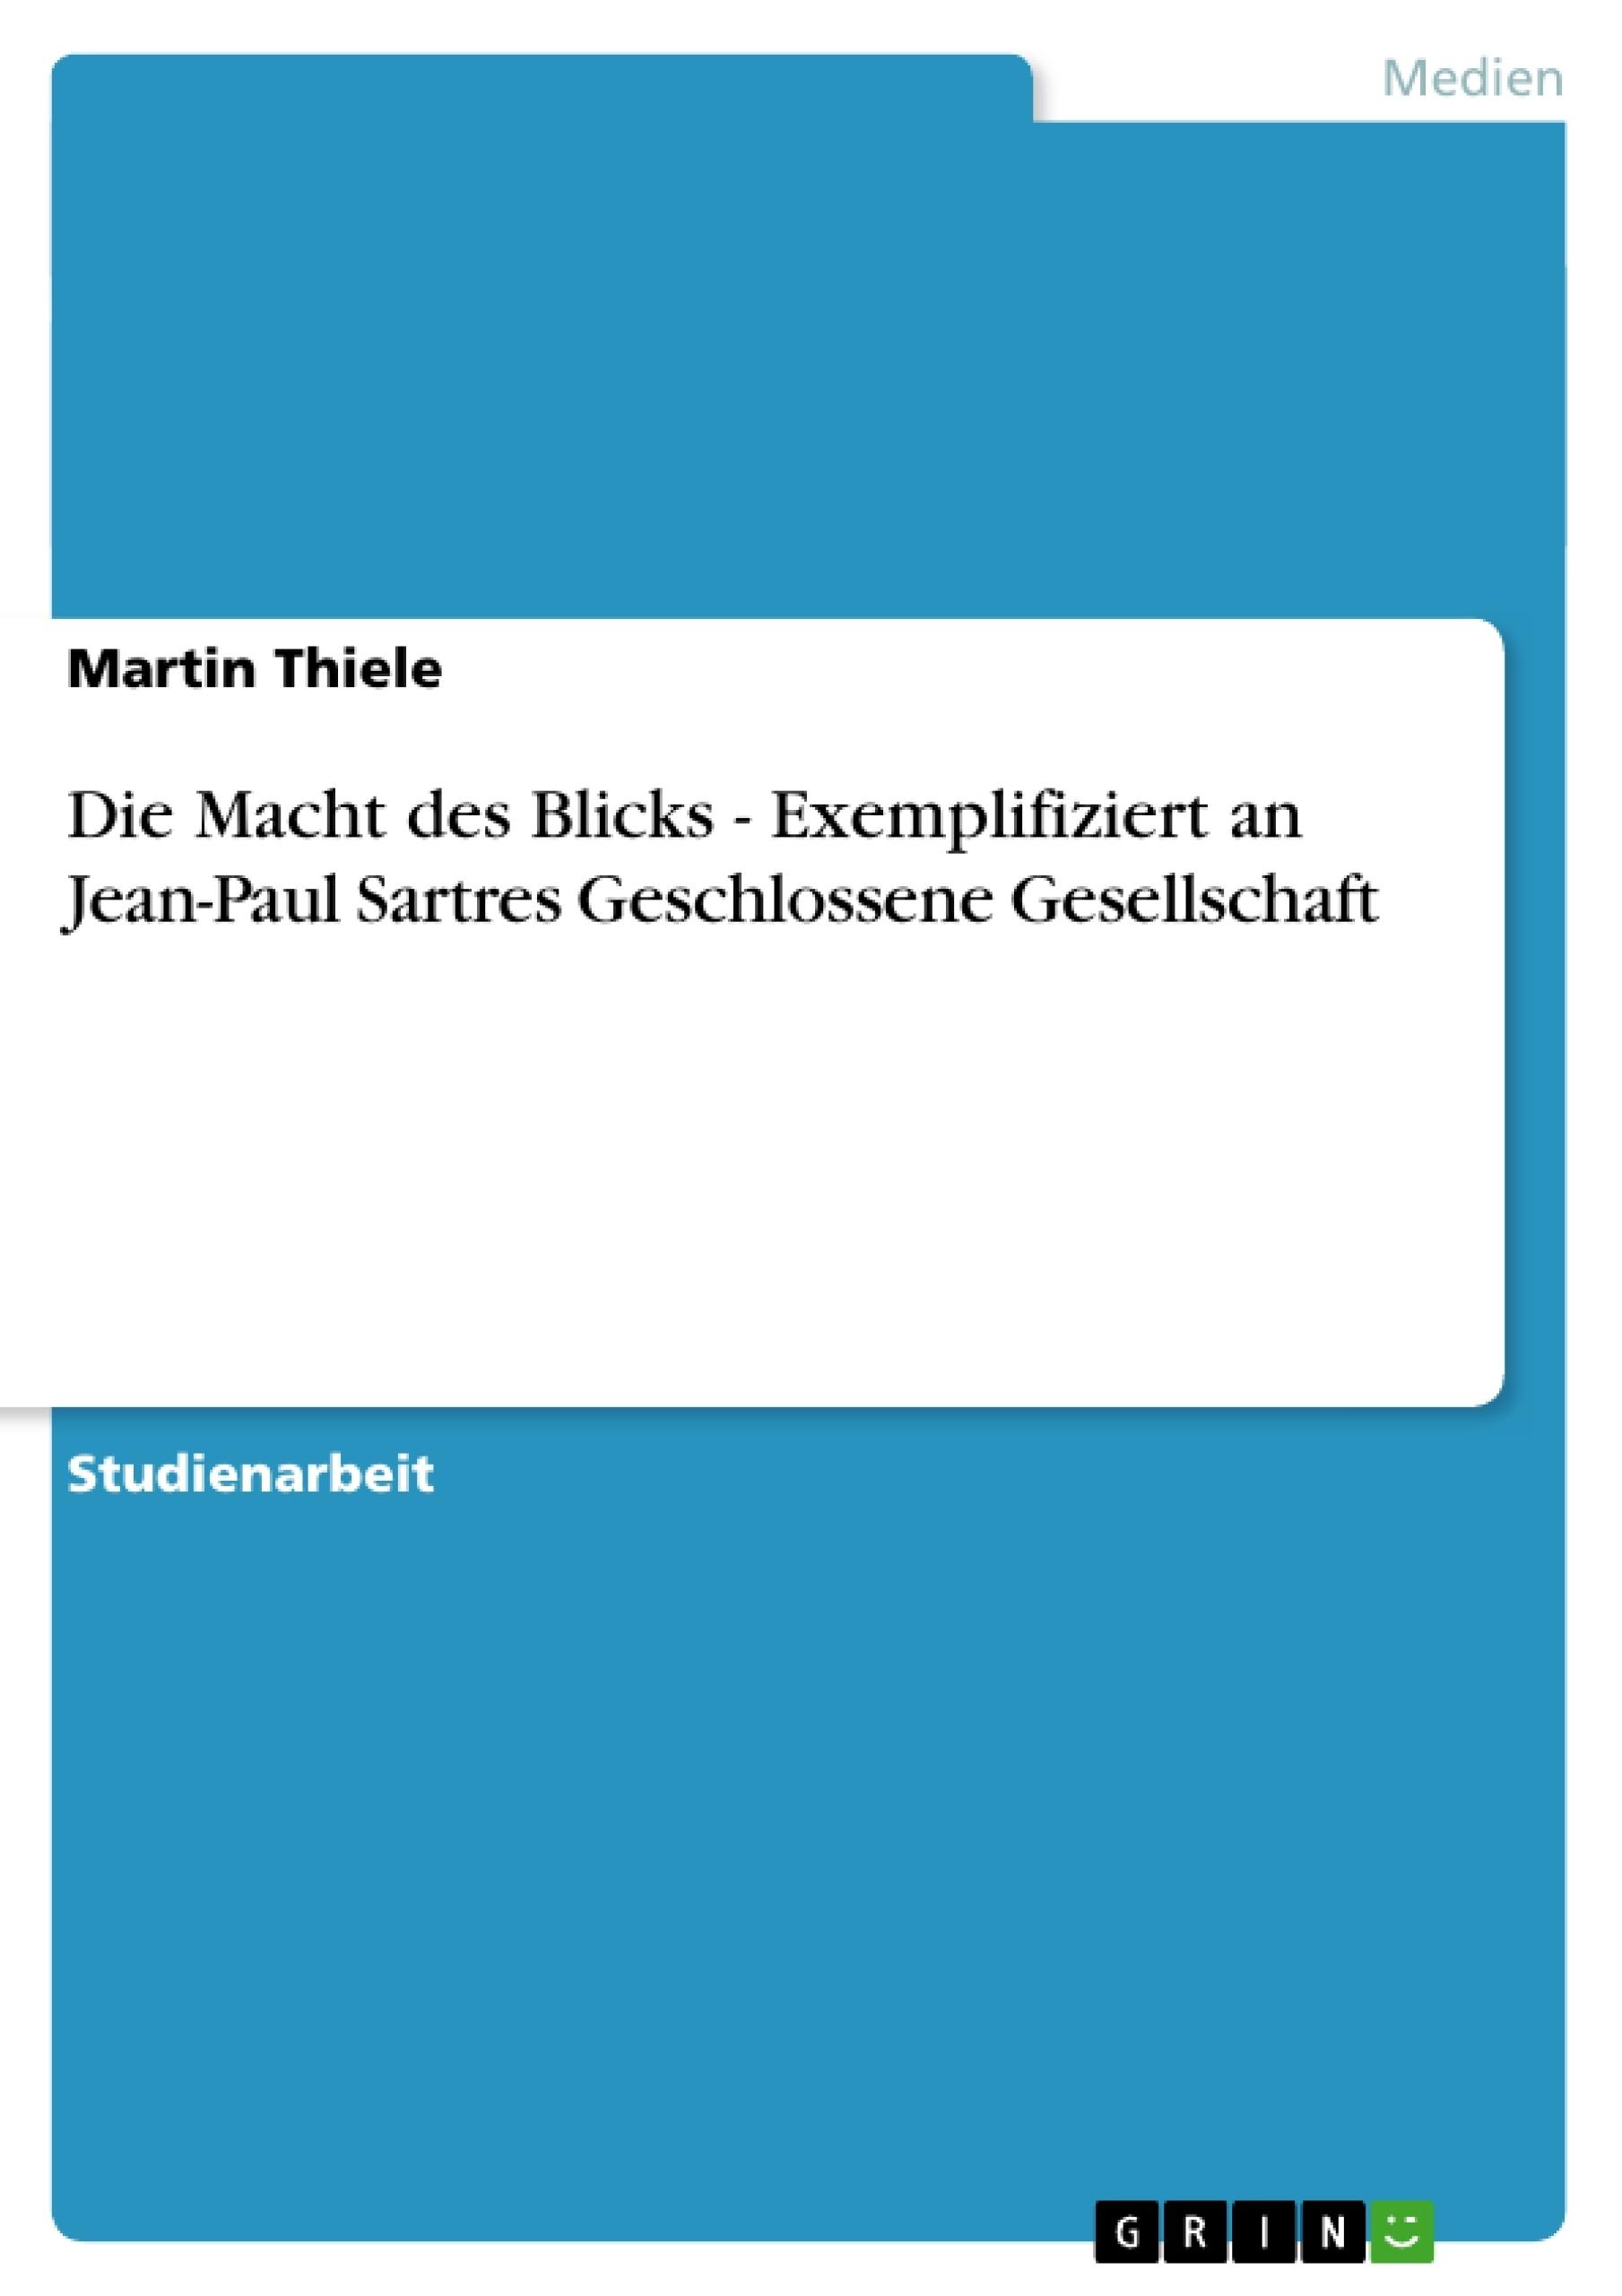 Titel: Die Macht des Blicks - Exemplifiziert an Jean-Paul Sartres Geschlossene Gesellschaft